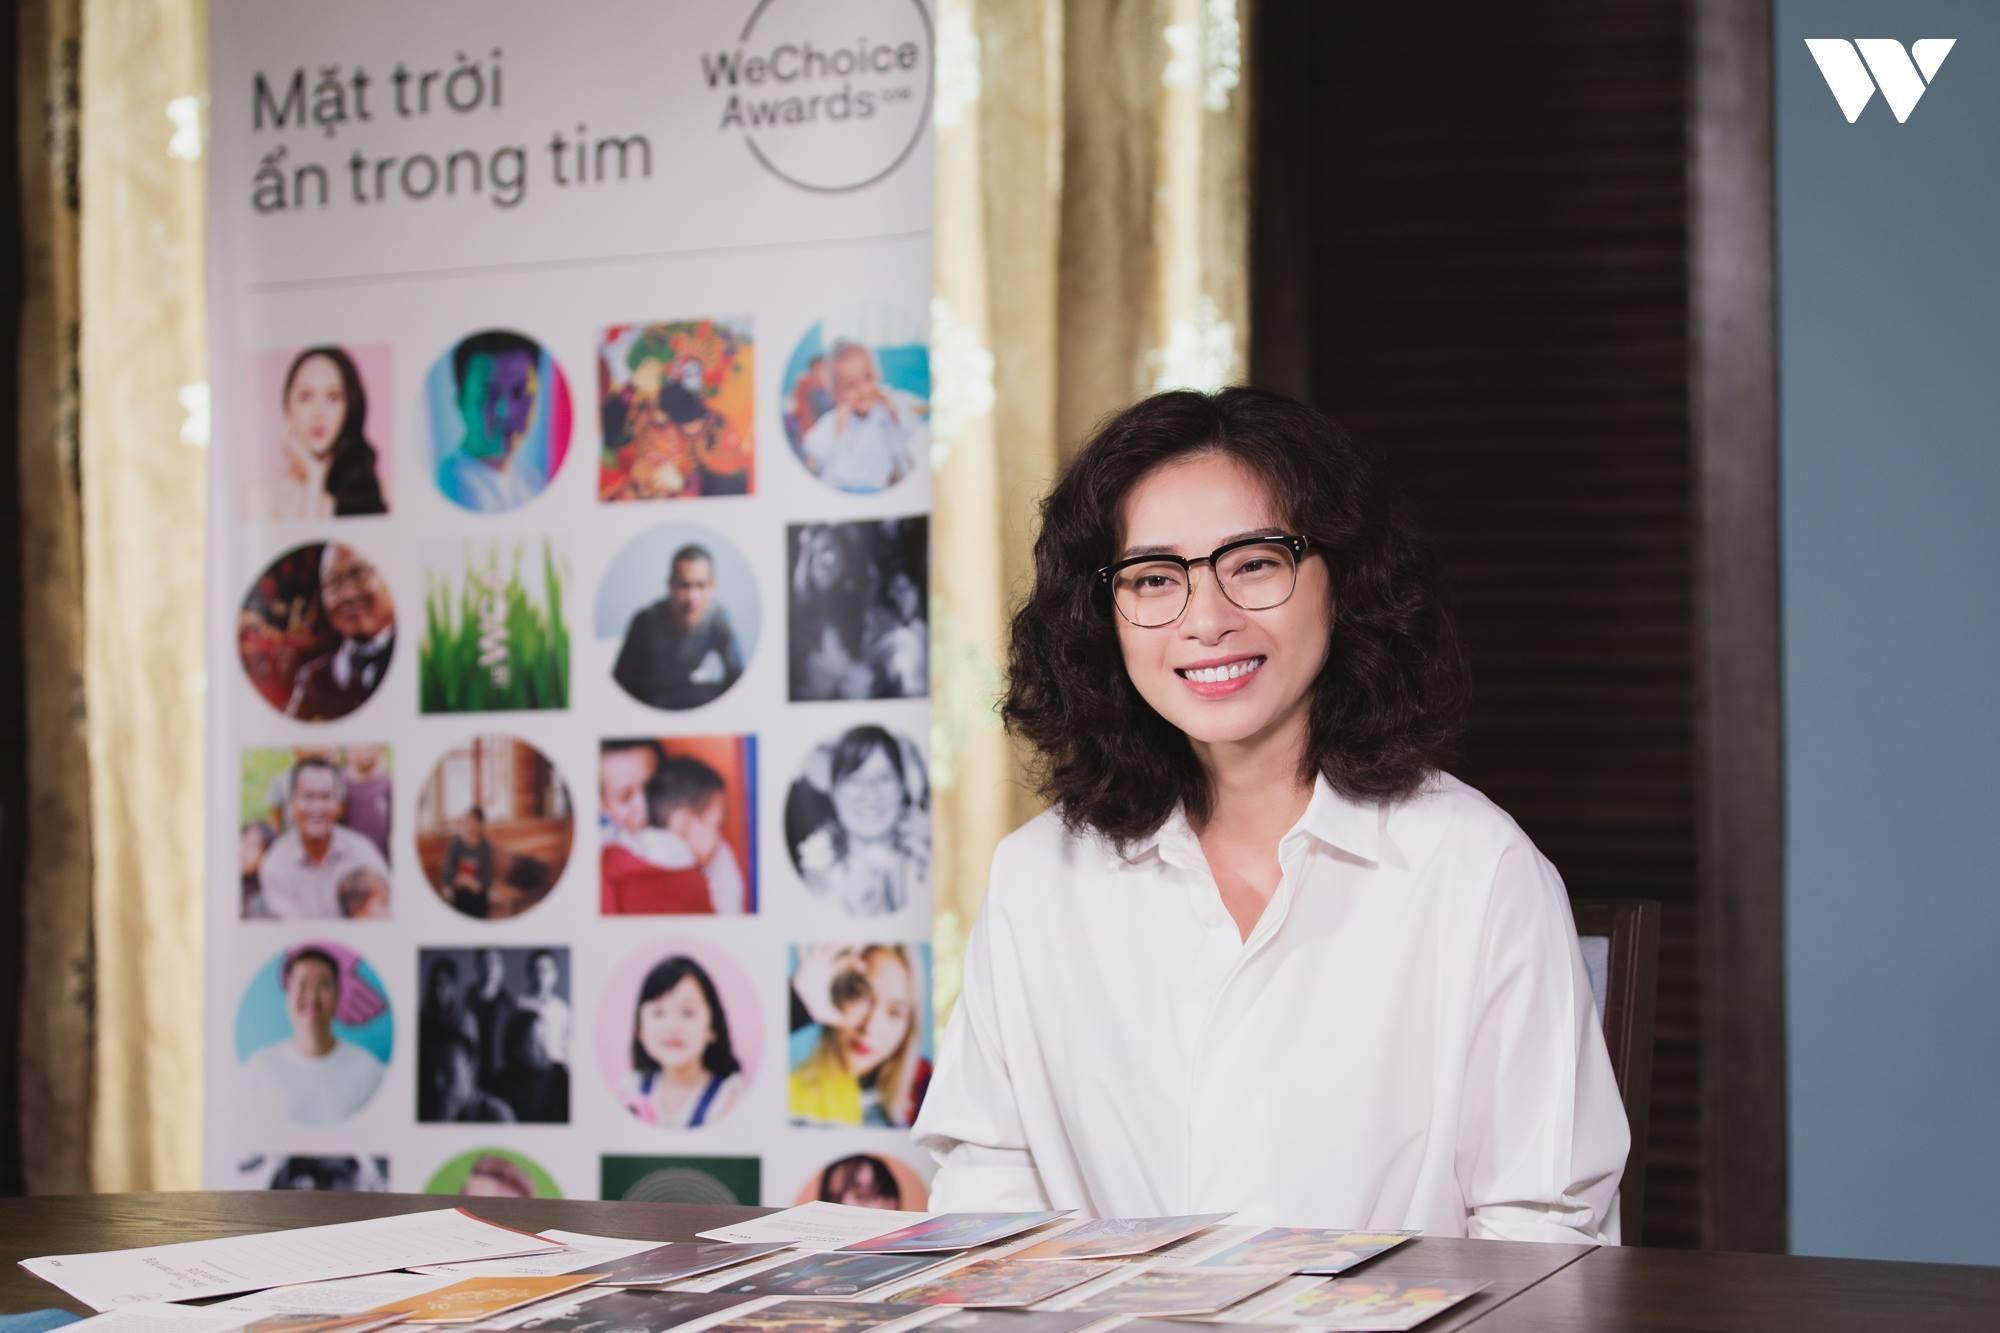 Ngô Thanh Vân chia sẻ cảm xúc khi lần đầu đảm nhận vai trò là thành viên trong Hội đồng thẩm định WeChoice Awards 2018 - Ảnh 2.